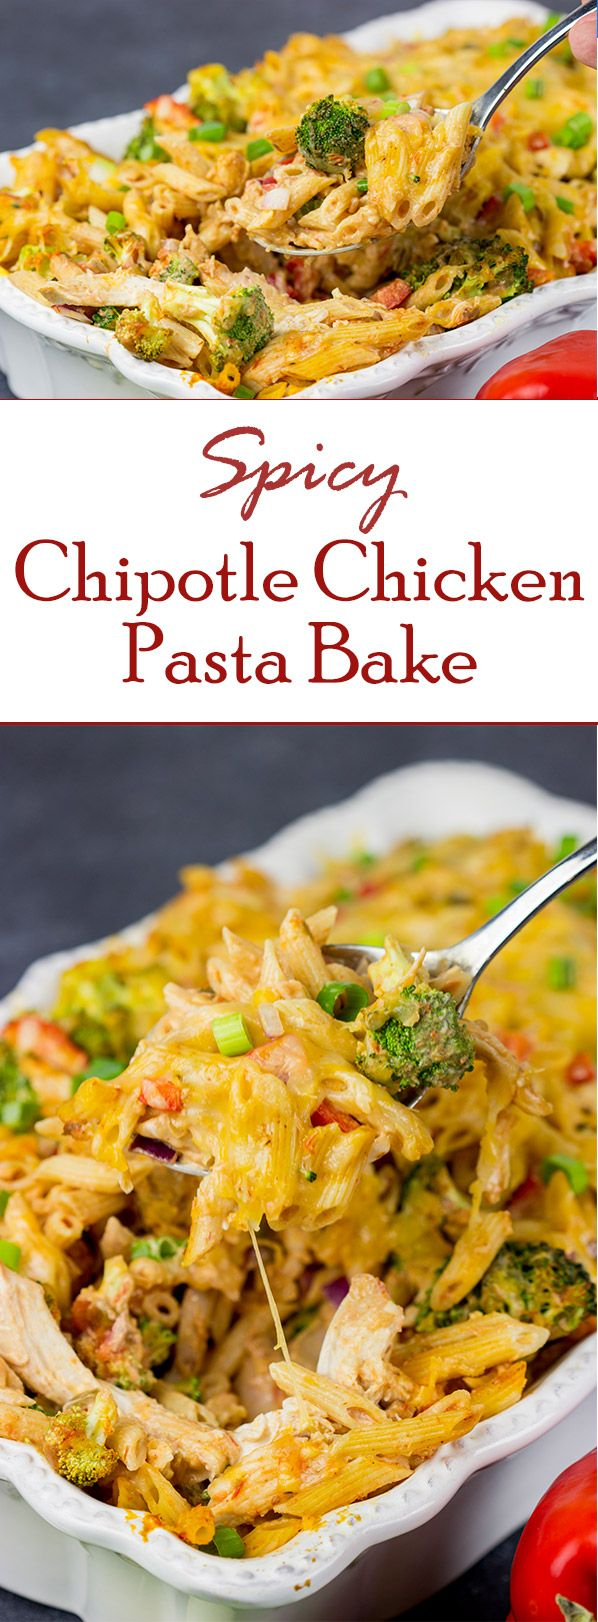 best 25 chipotle chicken pasta ideas on pinterest chipotle